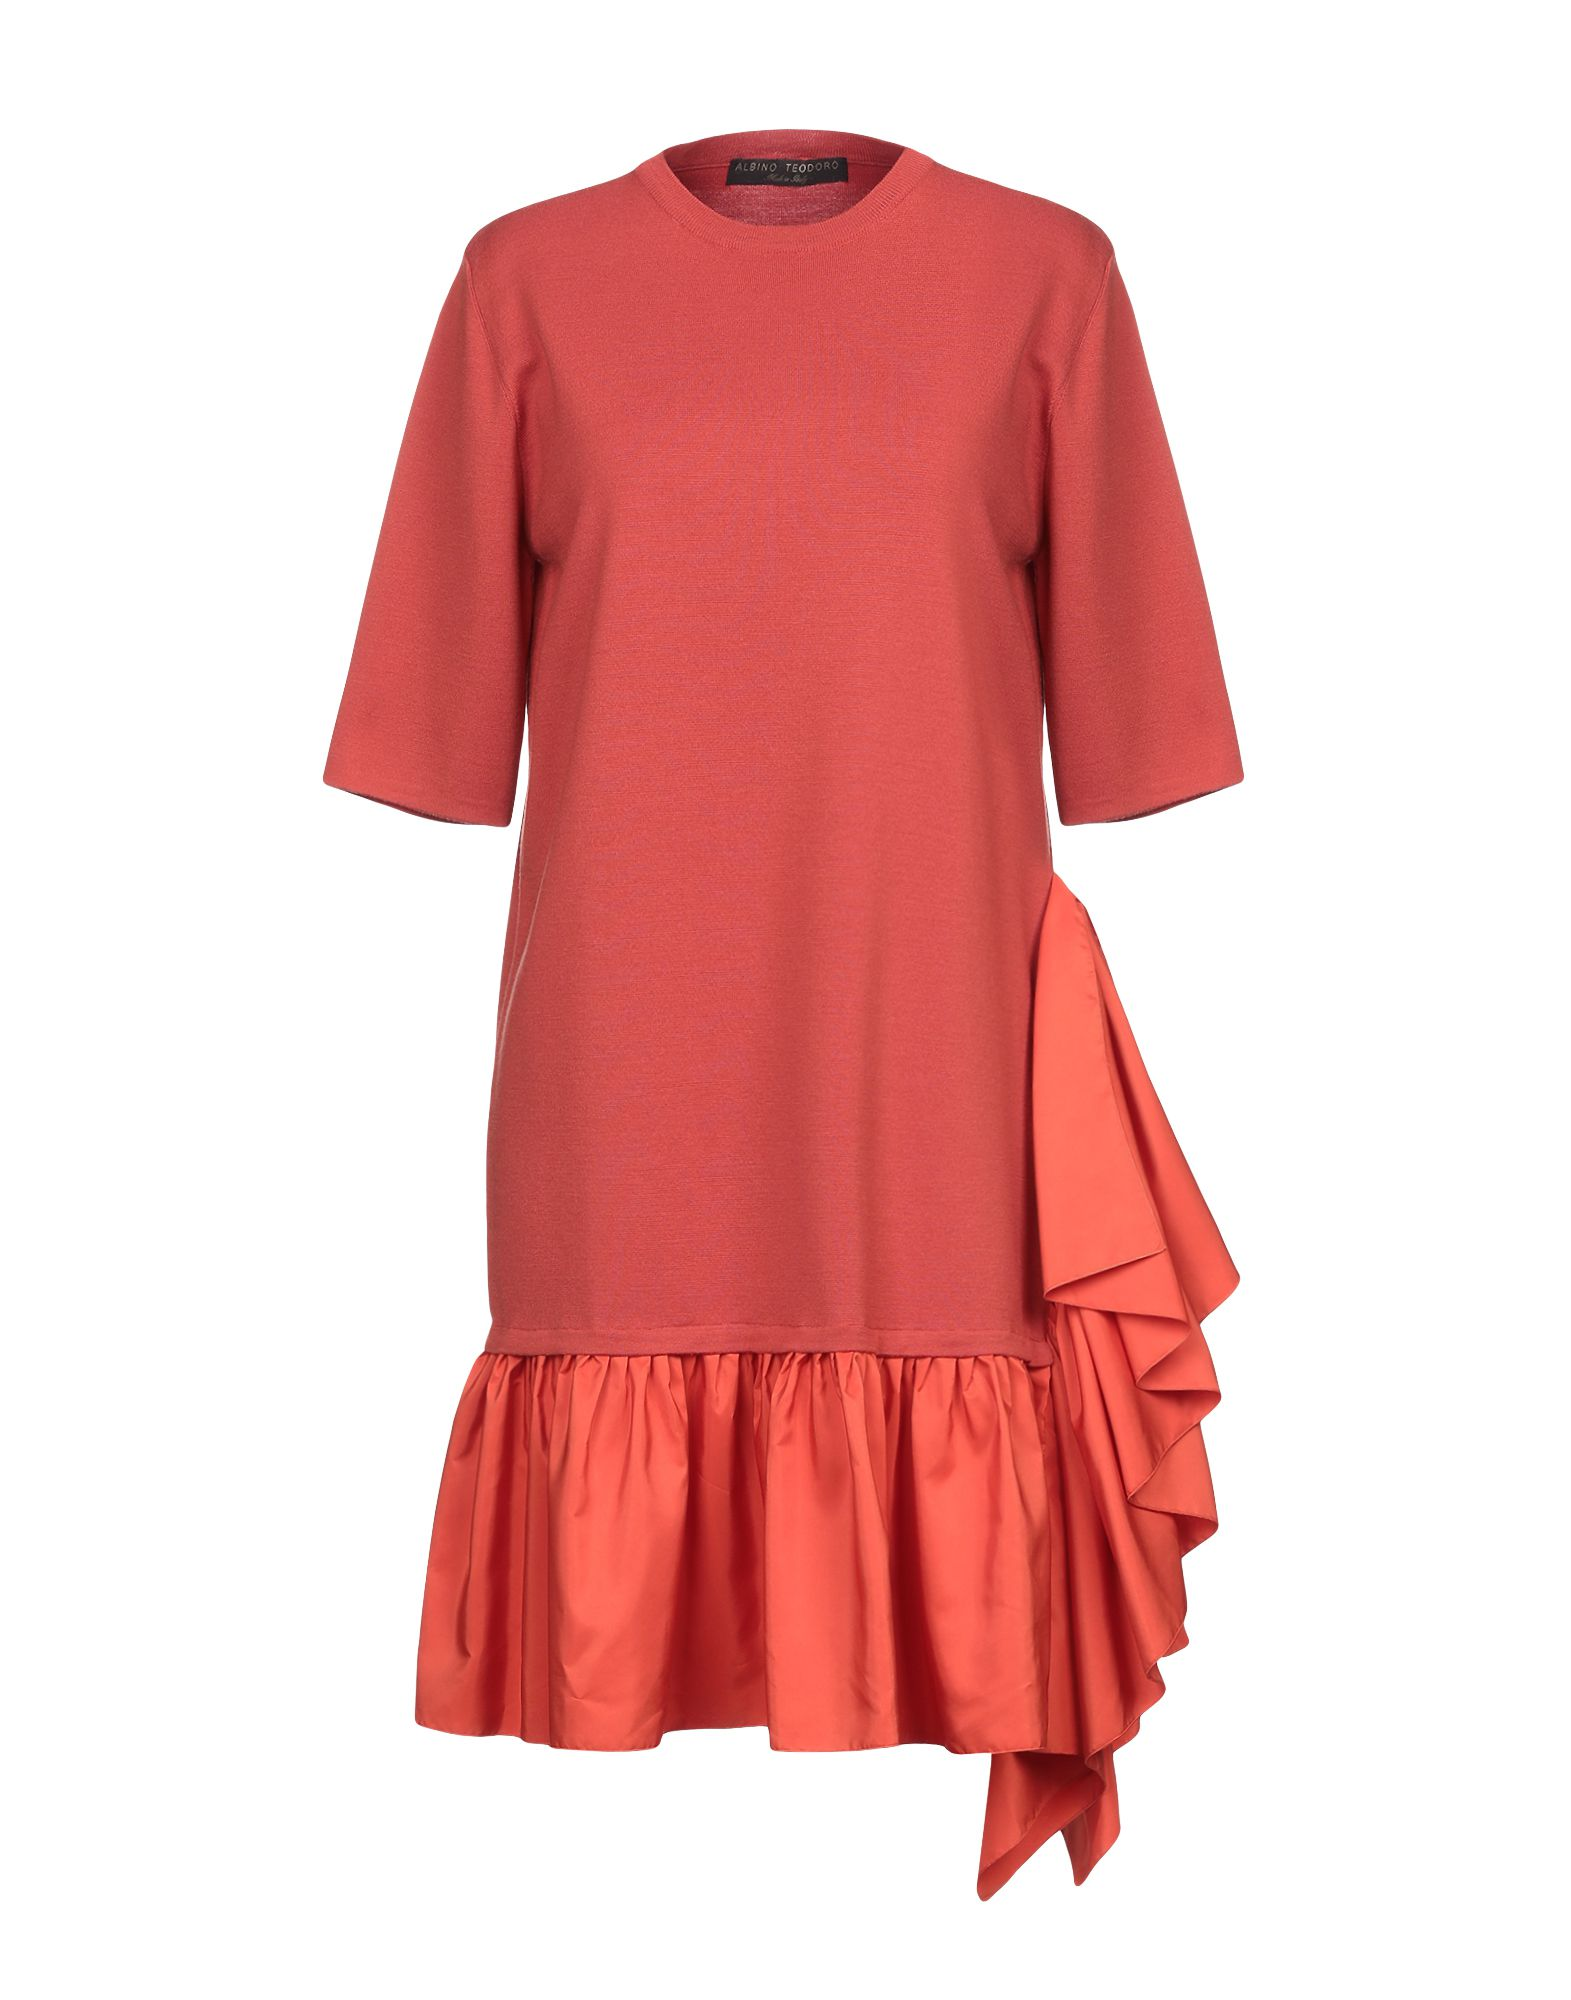 ALBINO TEODORO Короткое платье